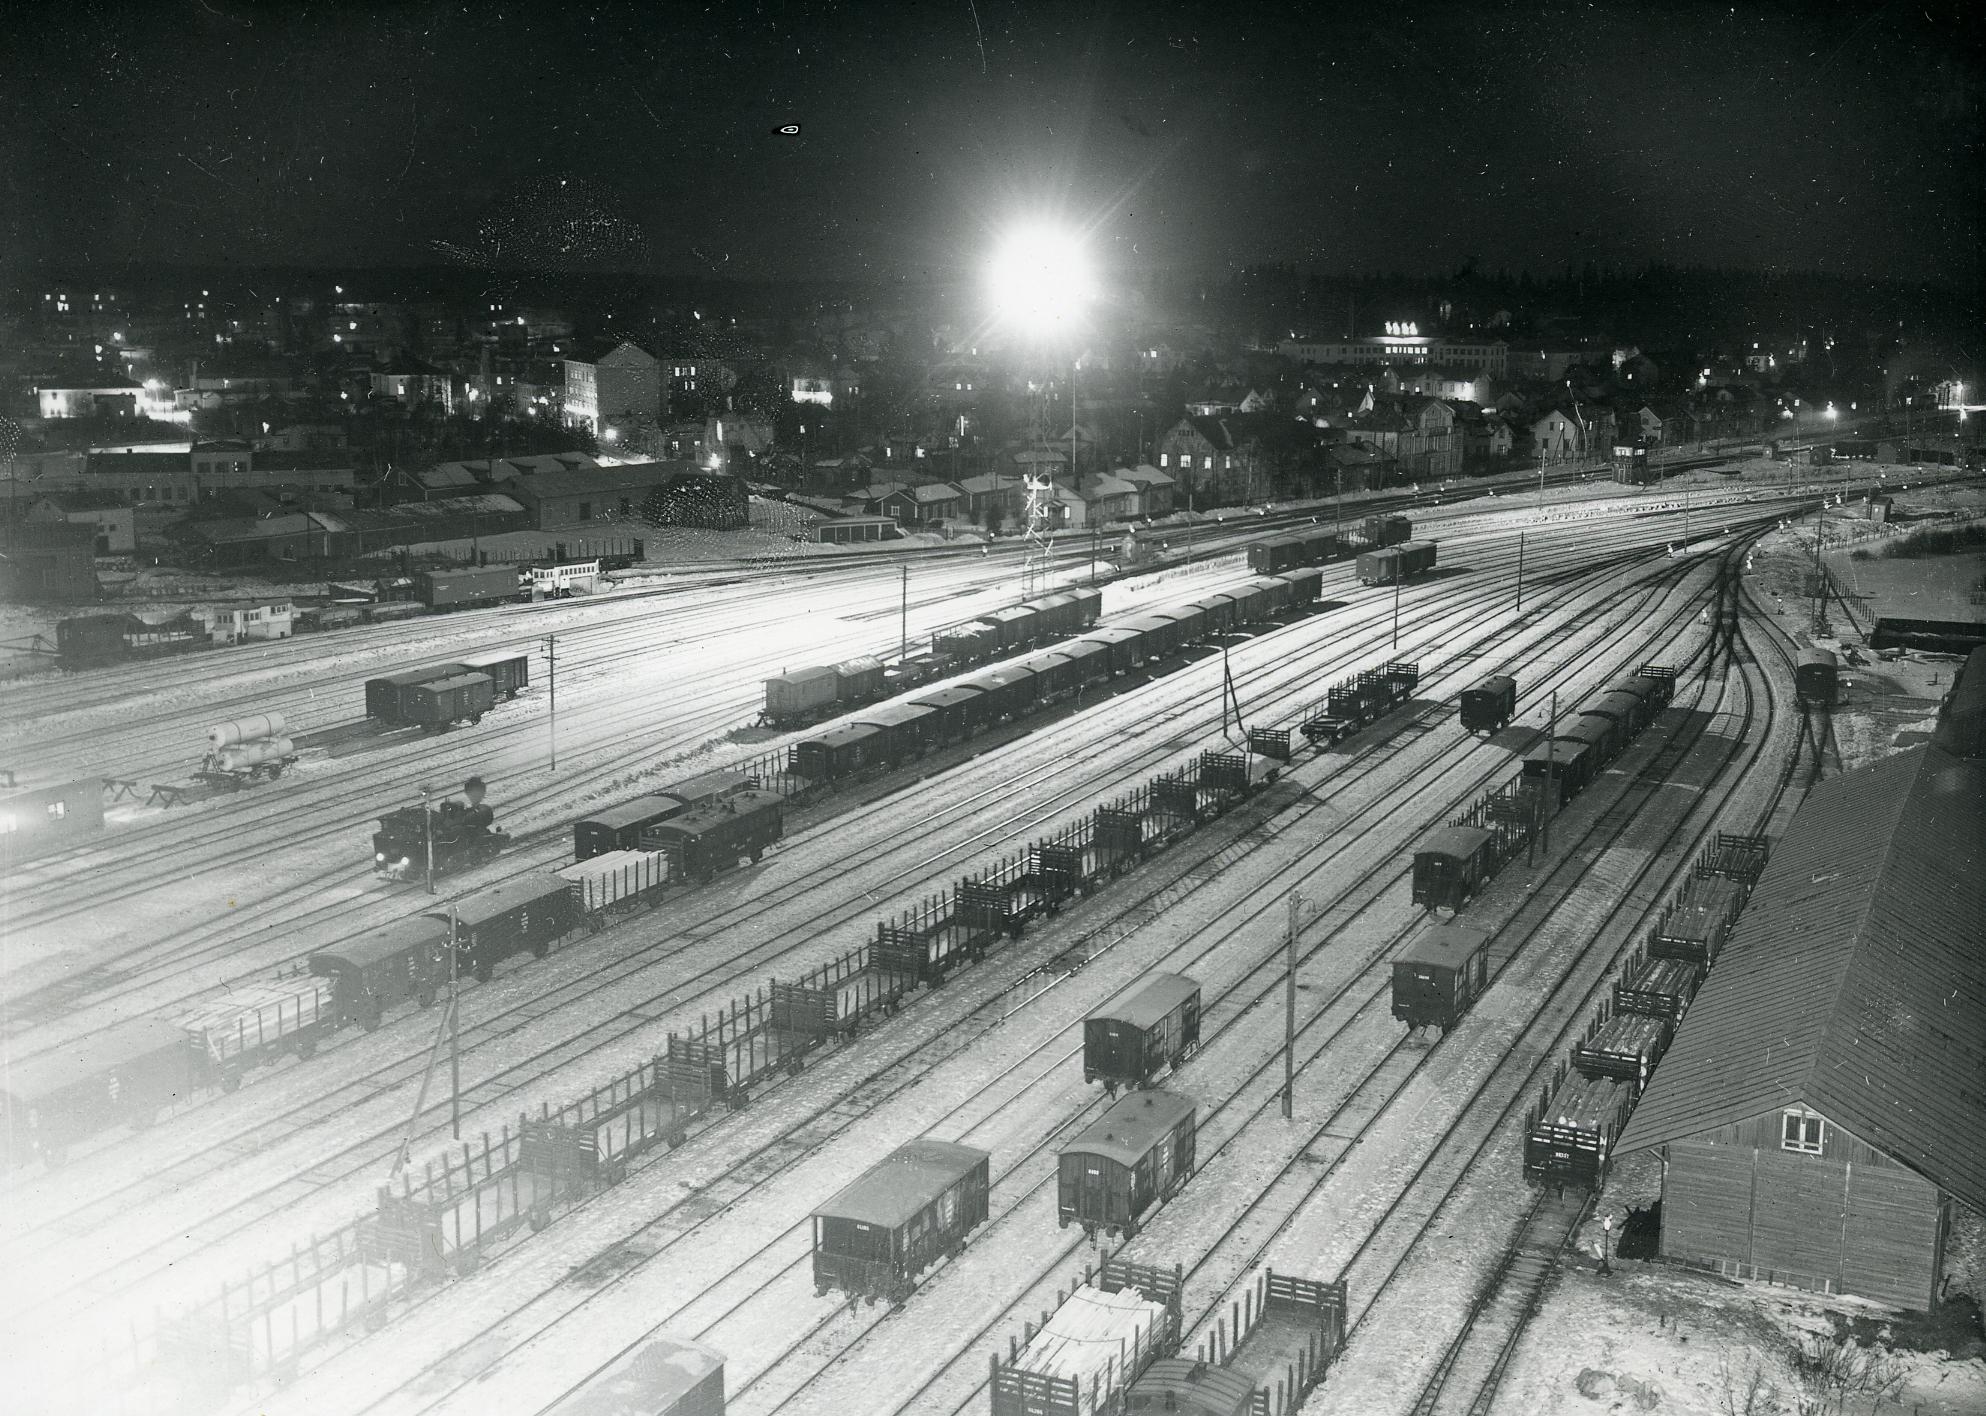 Riihimäen ratapiha, jossa paljon tavaravaunuja, taustalla kaupunkia.